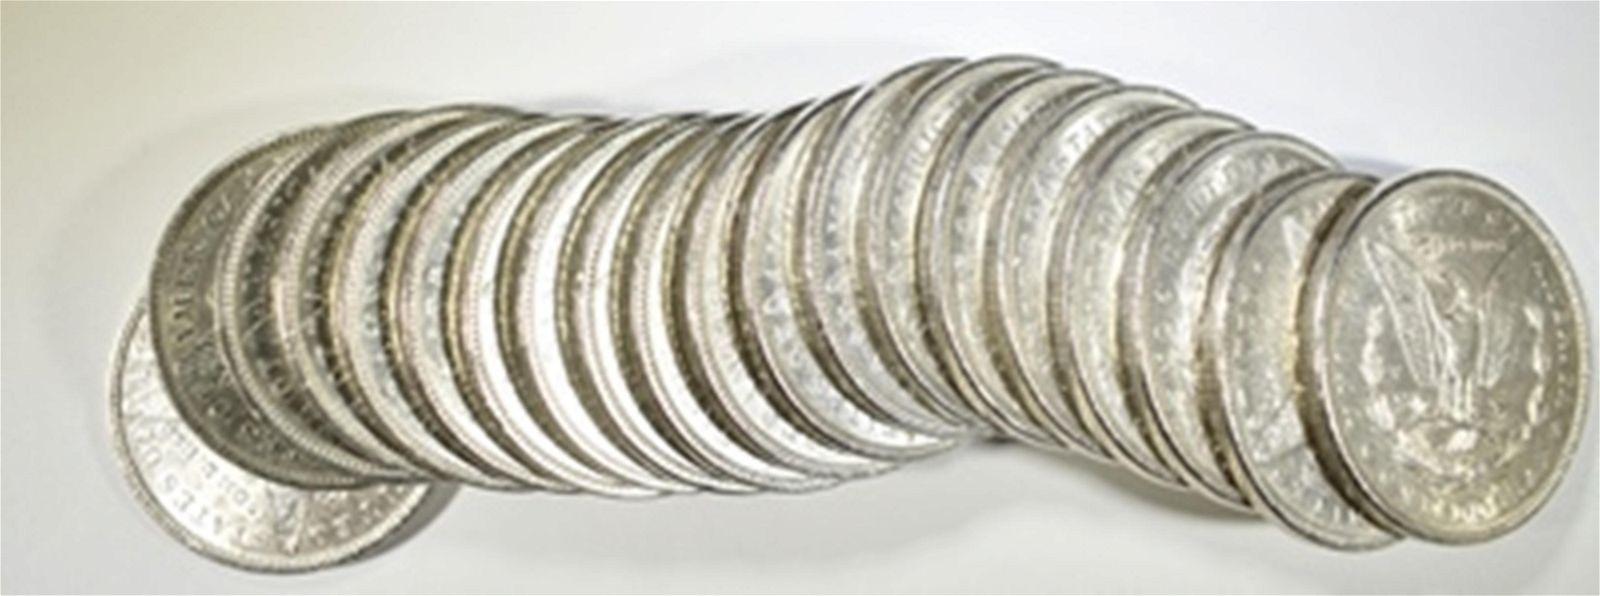 ROLL OF 1899 AU/BU MORGAN DOLLARS